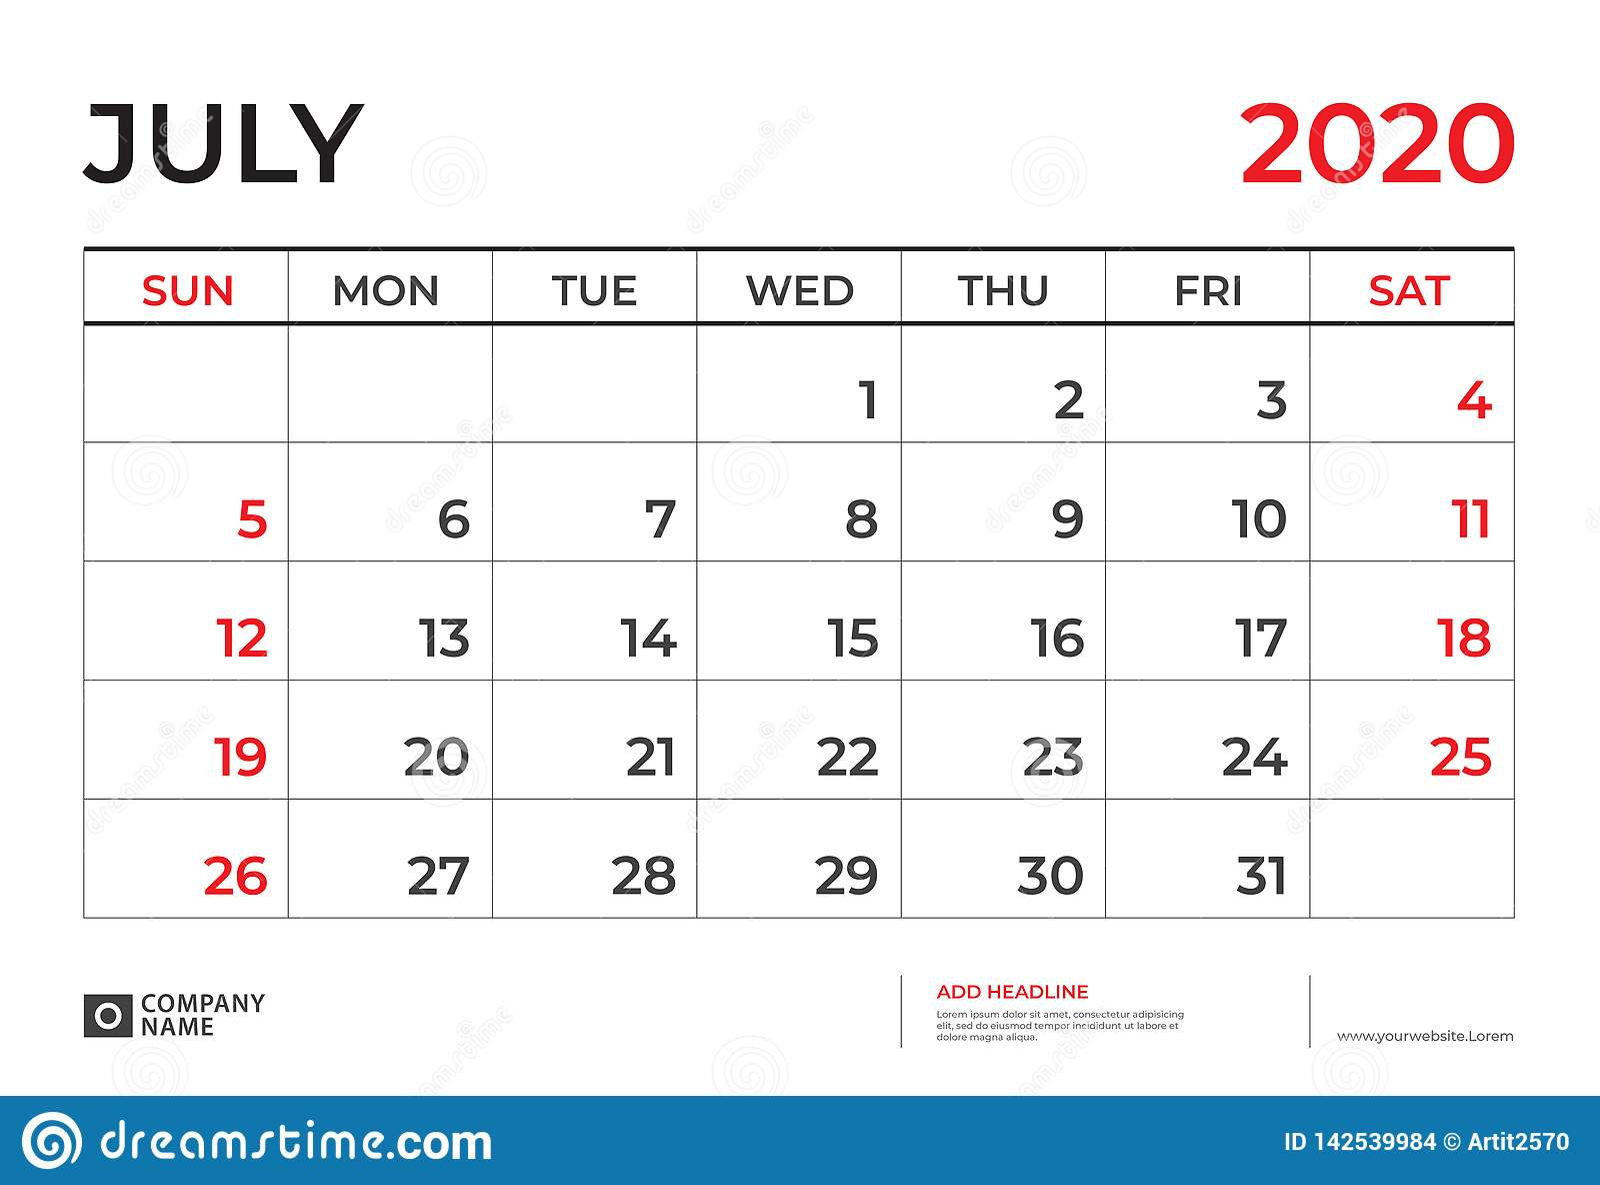 Calendrier Juillet2020.Juillet 2020 Calibre De Calendrier Taille 9 De Disposition